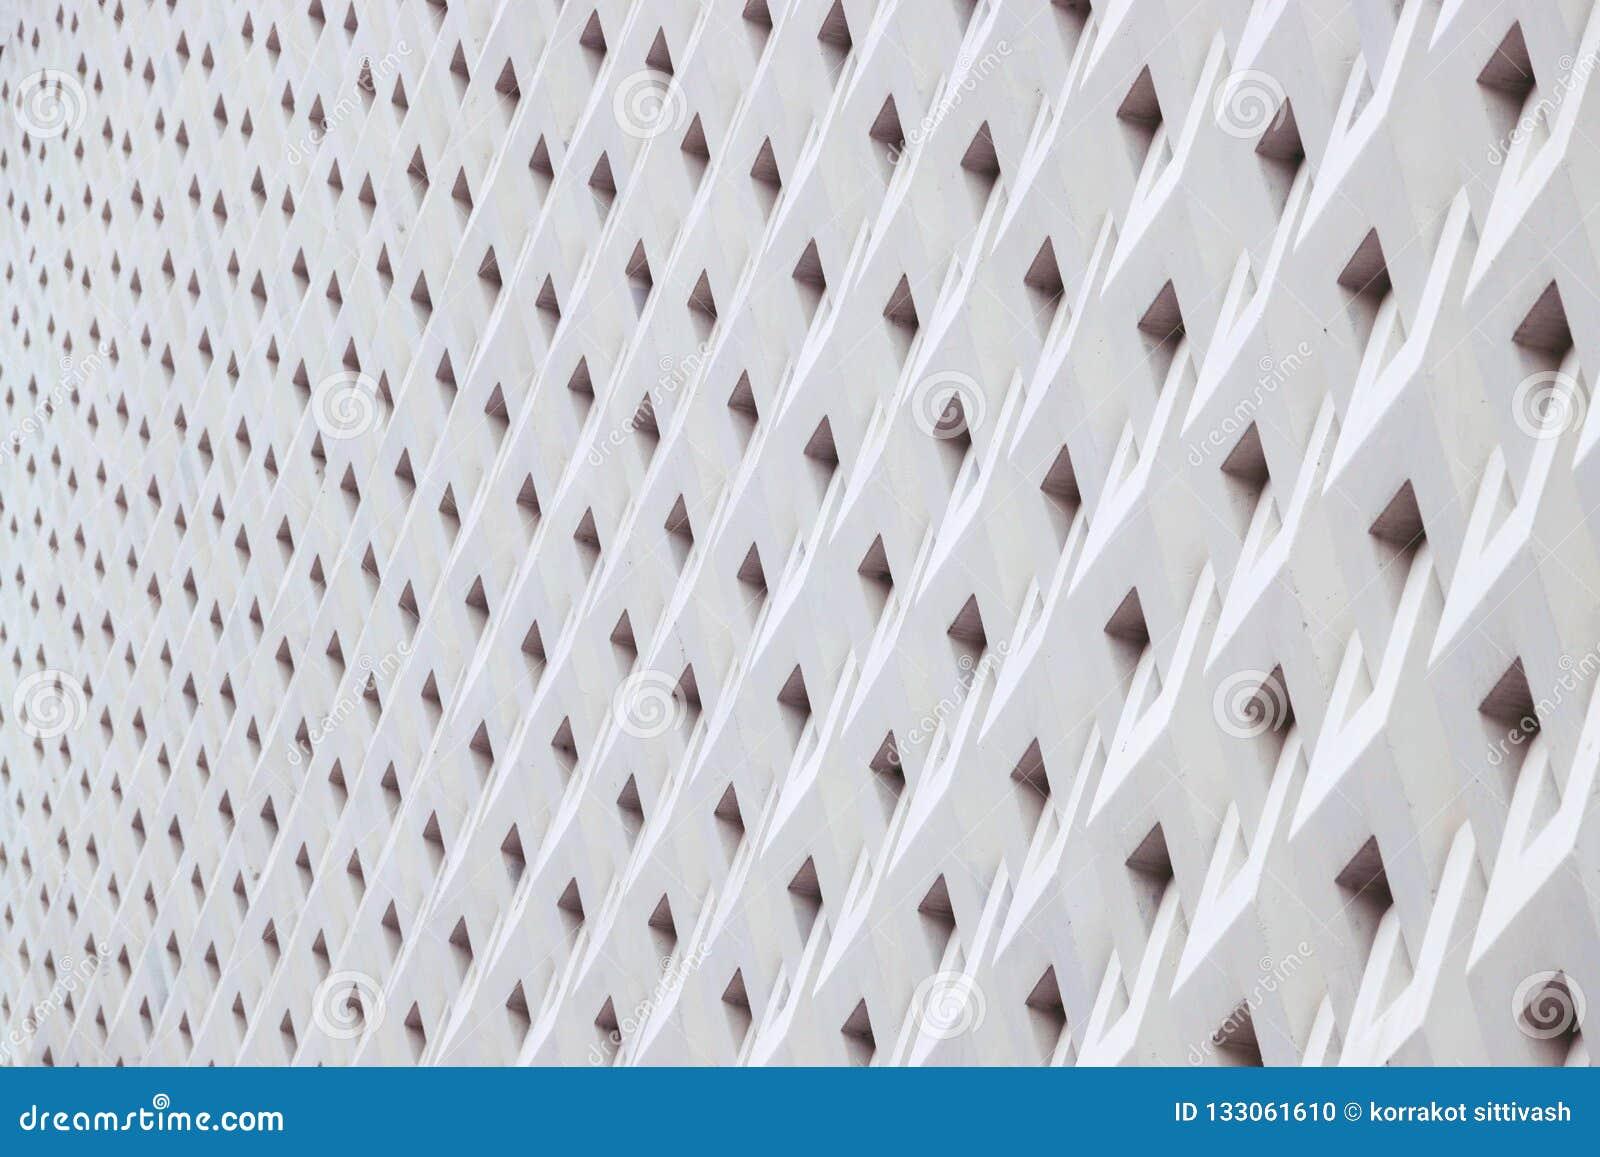 Detalles geométricos de la arquitectura del modelo de los detalles de la arquitectura del panel del cemento